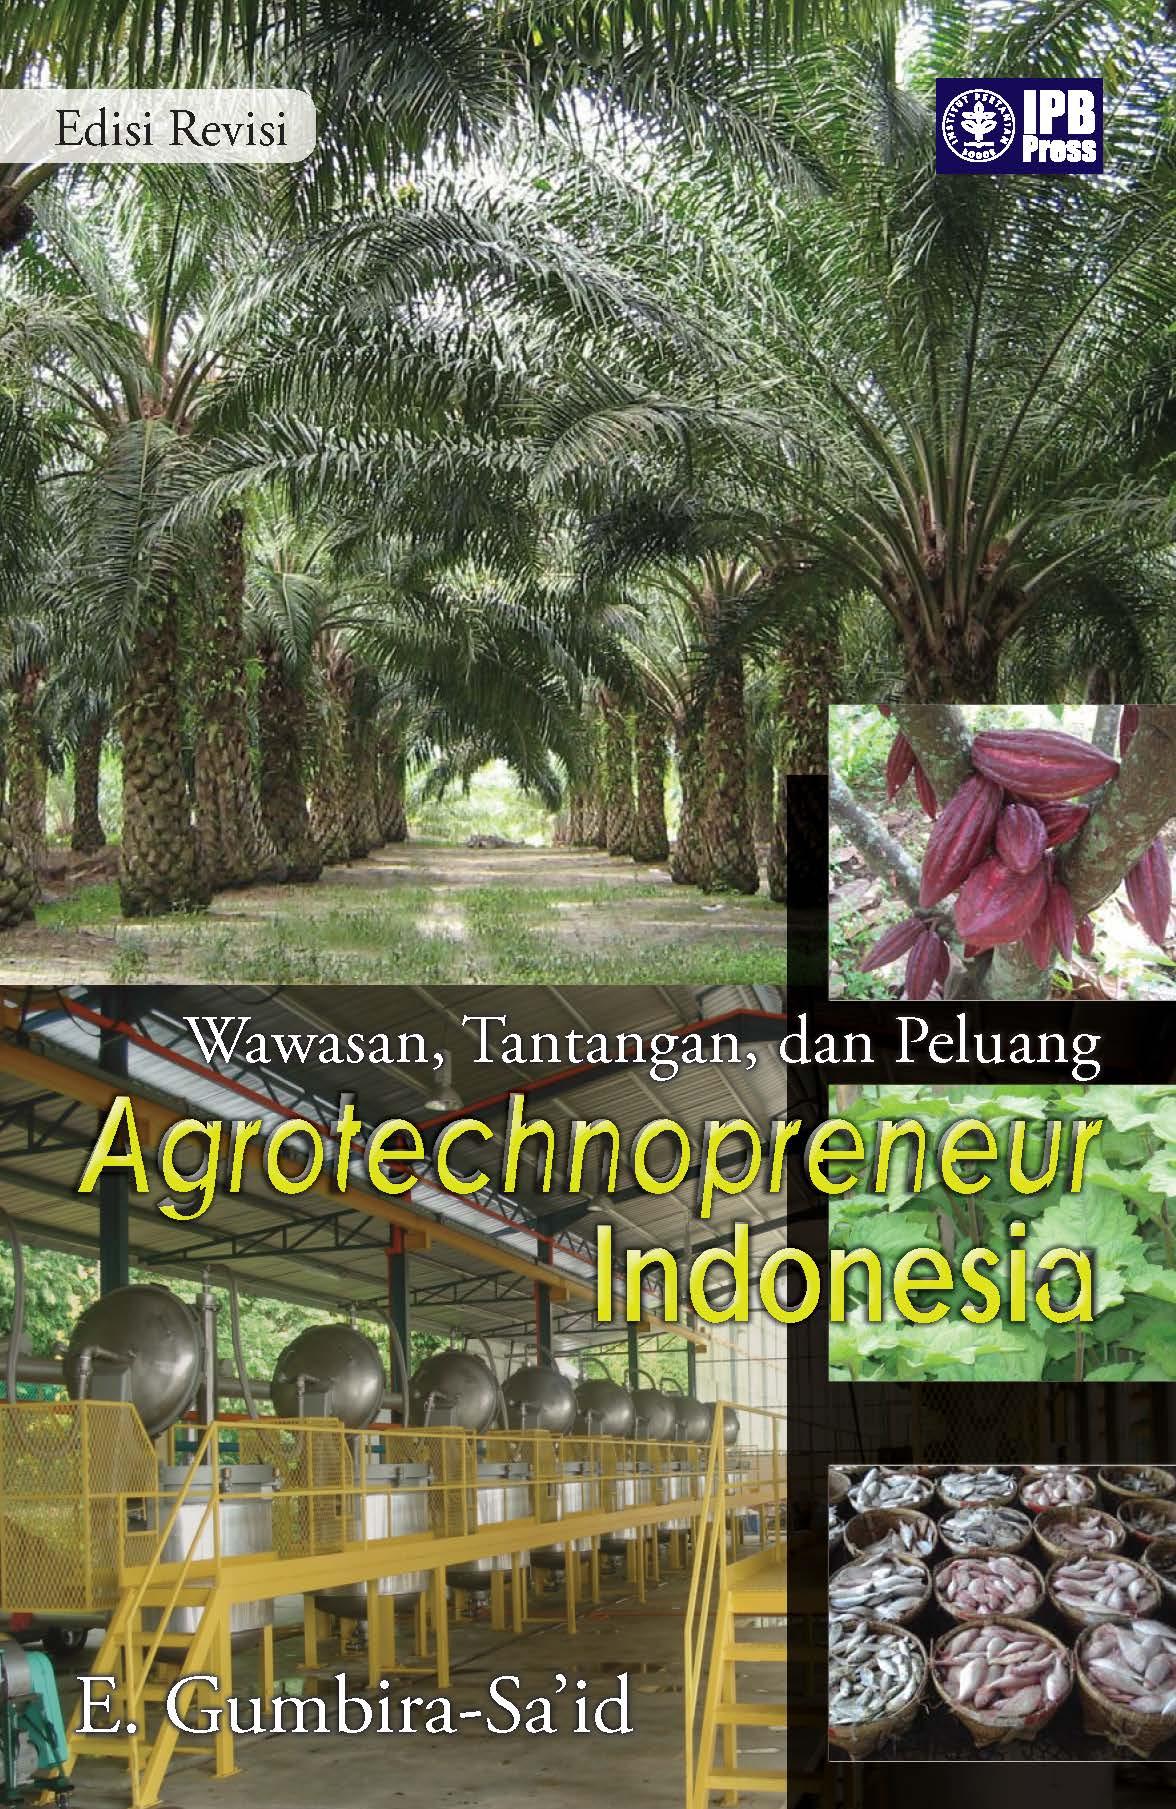 Wawasan, tantangan, dan peluang agrotechnopreneur Indonesia [sumber elektronis]